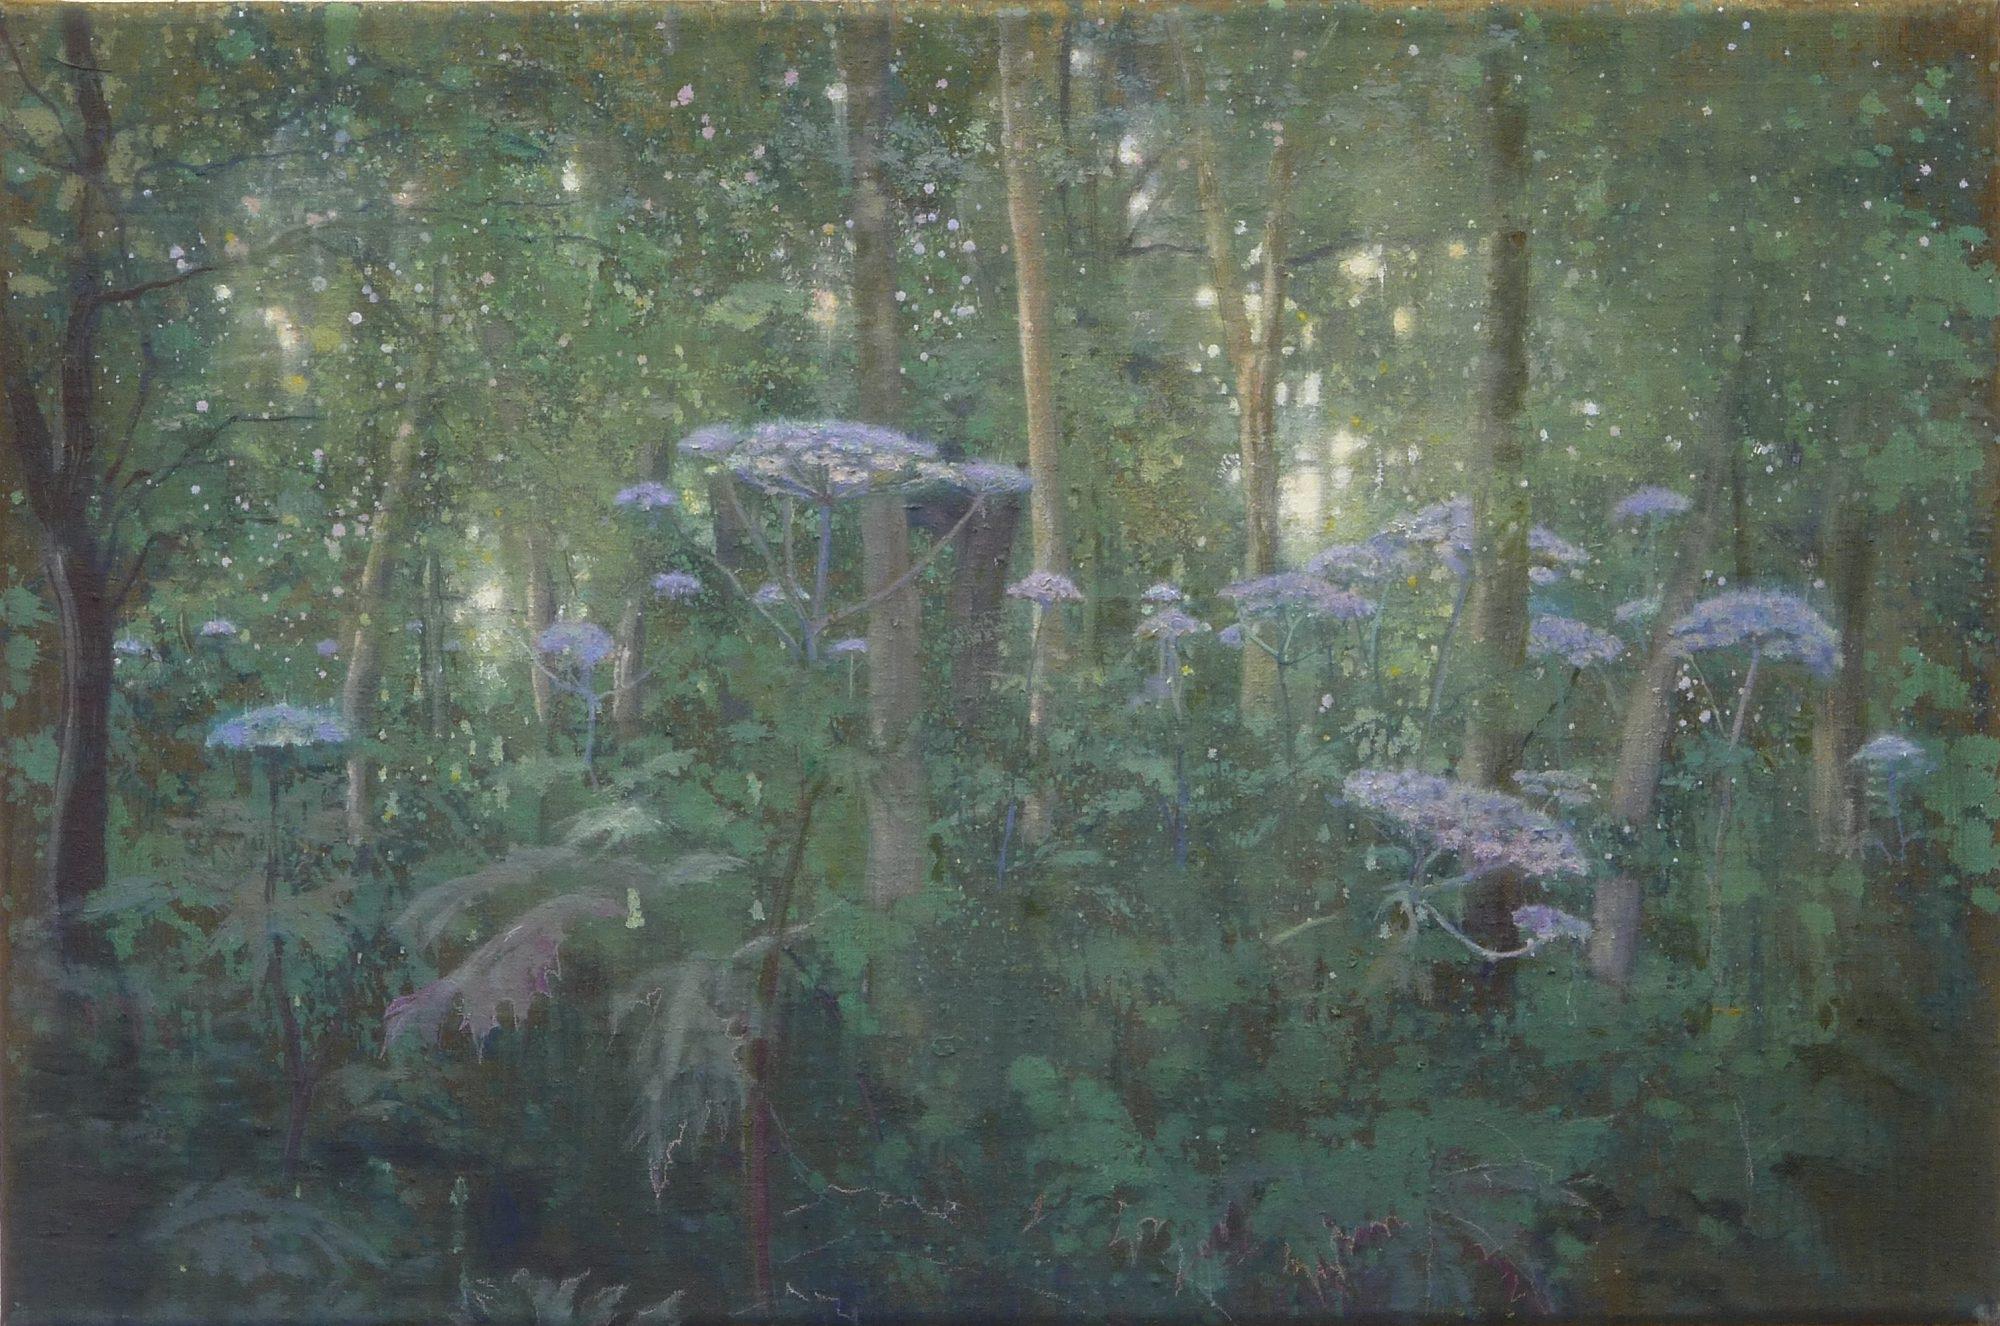 Schilderij Bereklauwen van Isabella Werkhoven